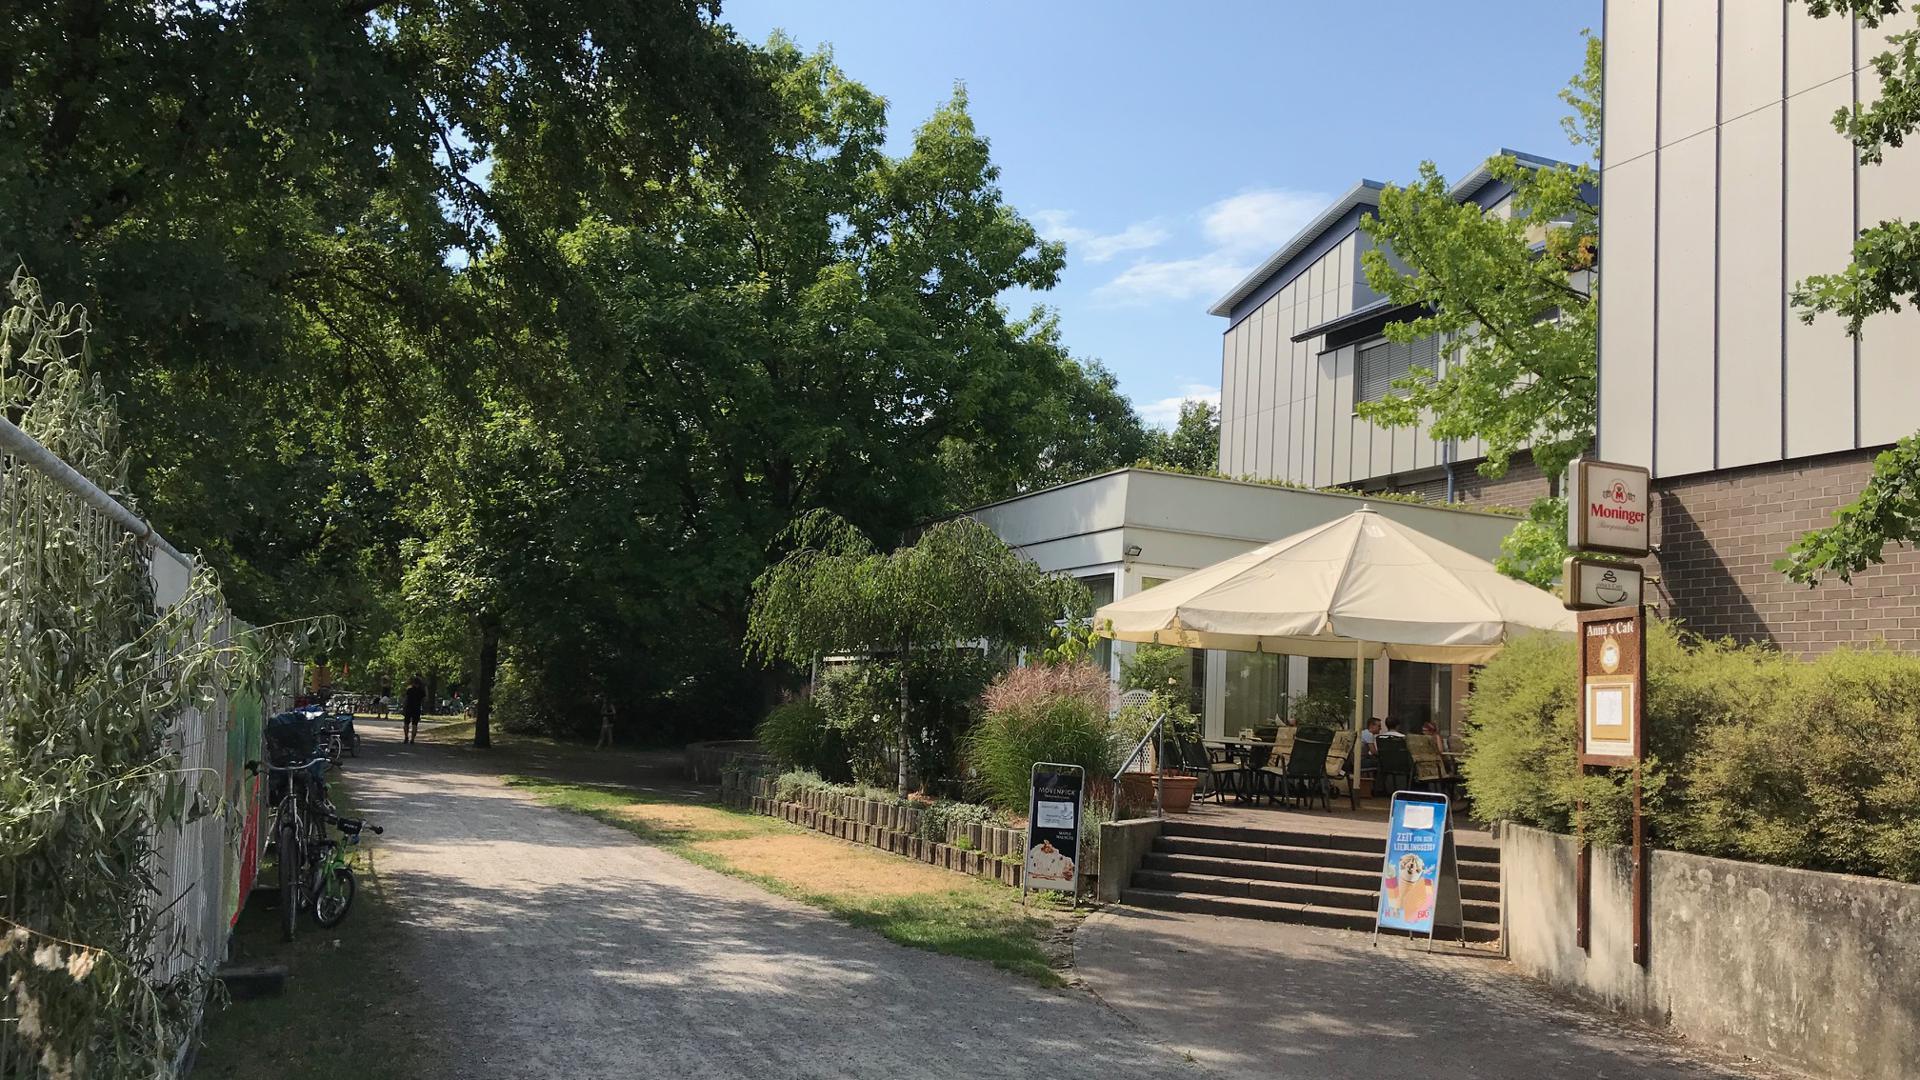 Das Alten- und Pflegeheim Anna-Walch-Haus befindet sich direkt an der Günther-Klotz-Anlage.